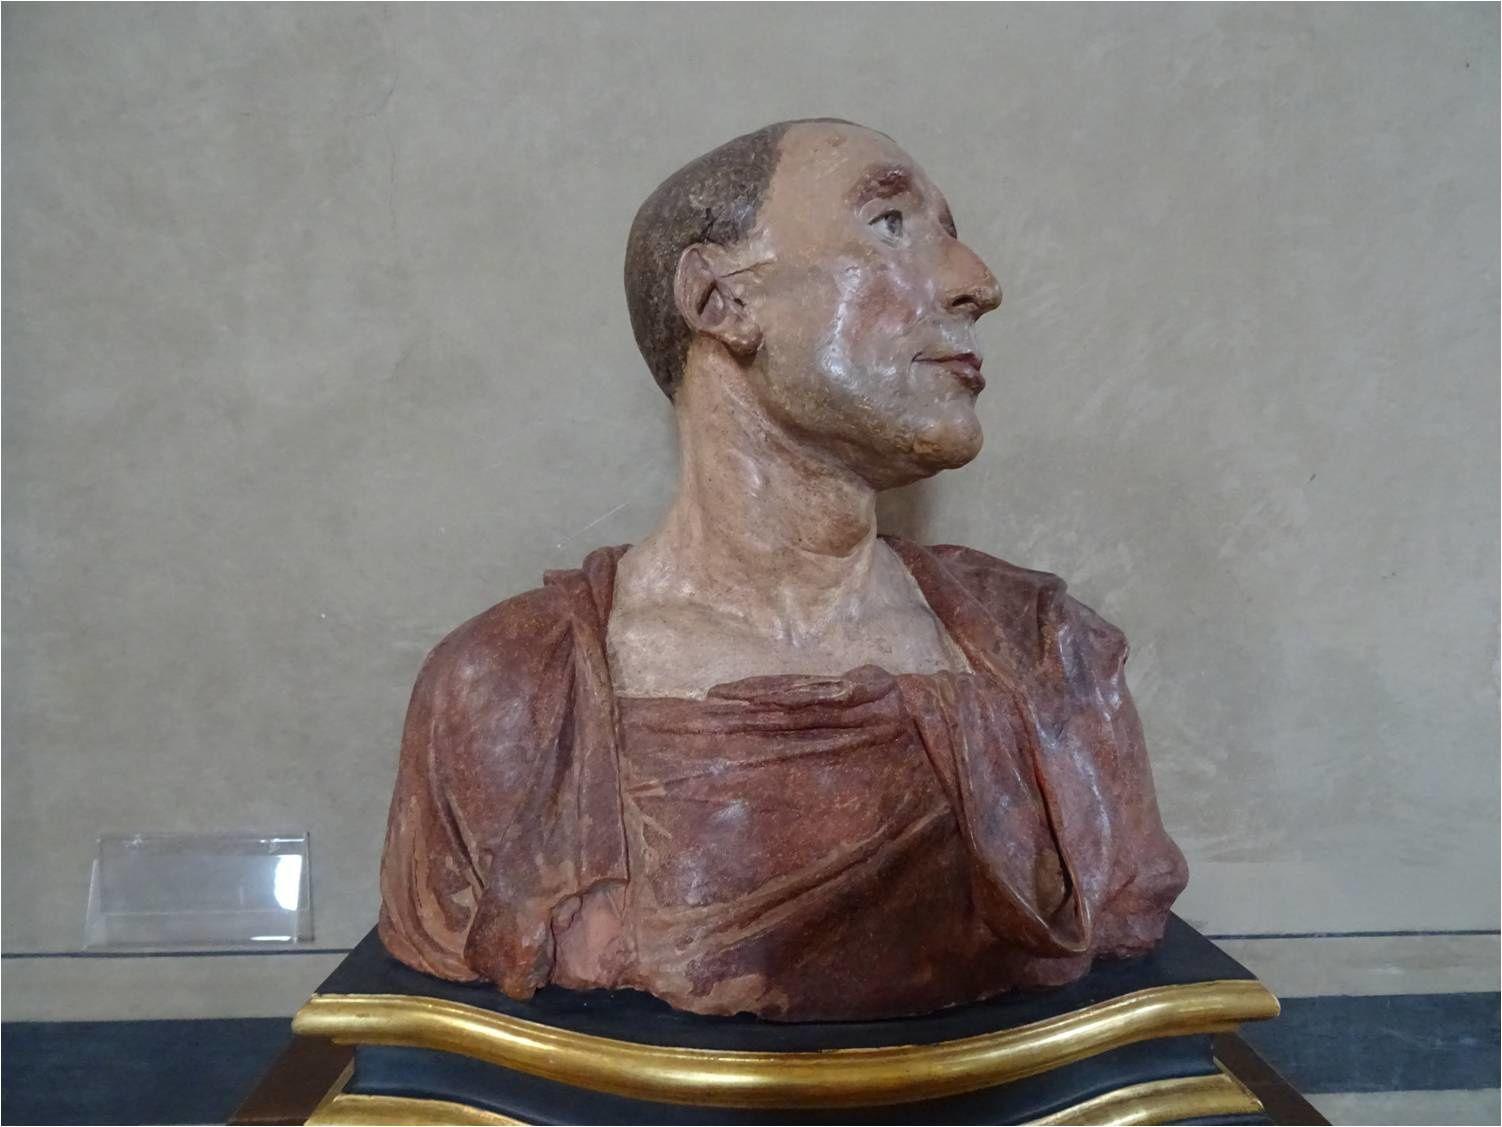 Donatello, Desiderio da Settignano, Buste